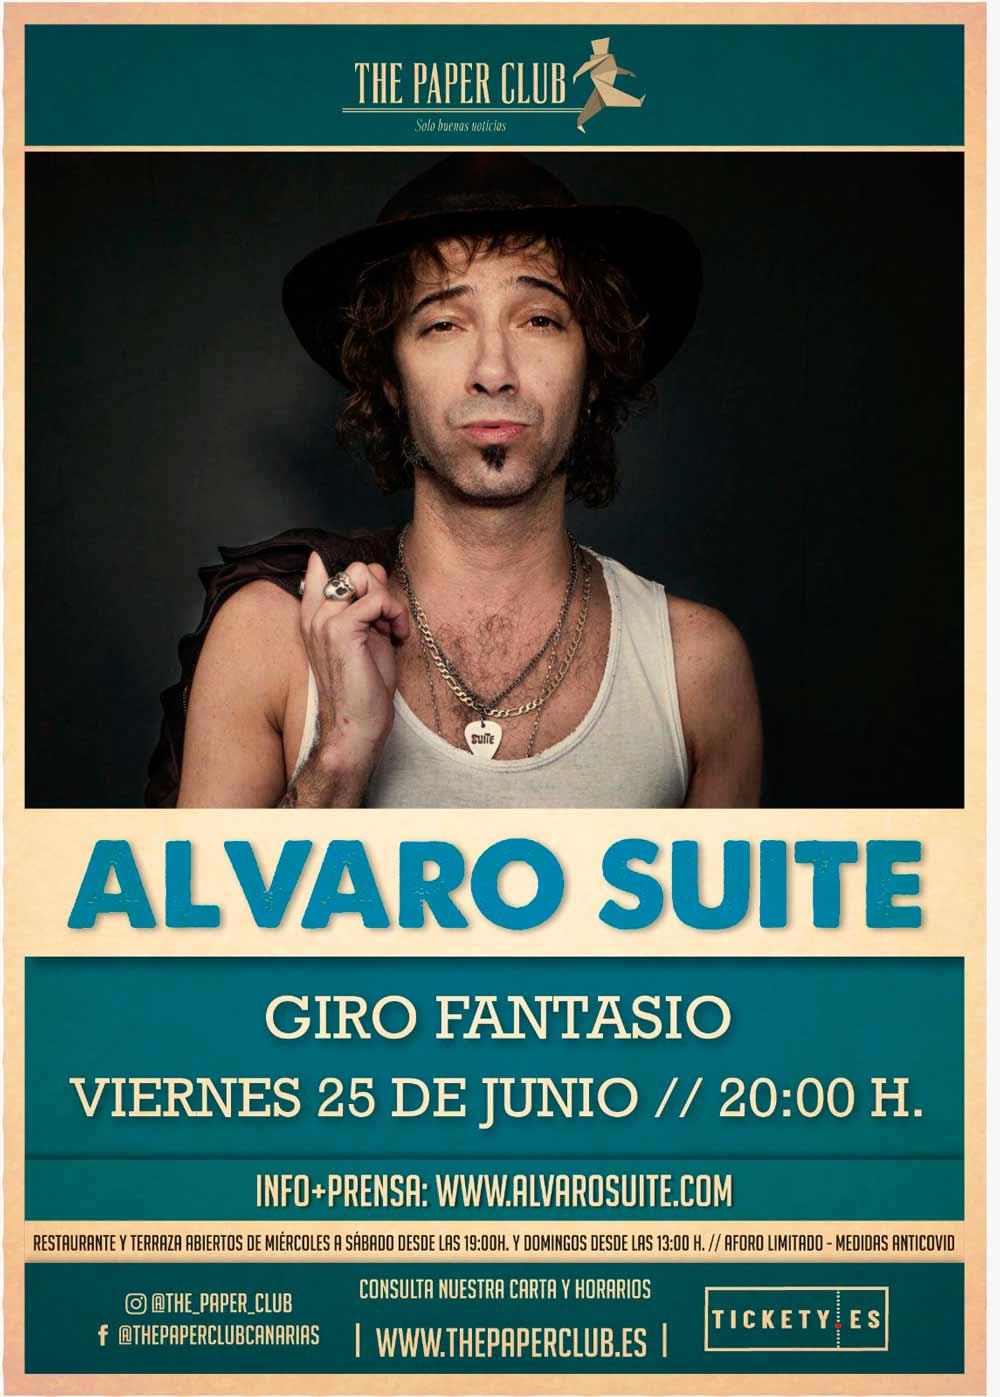 alvaro suite the paper club